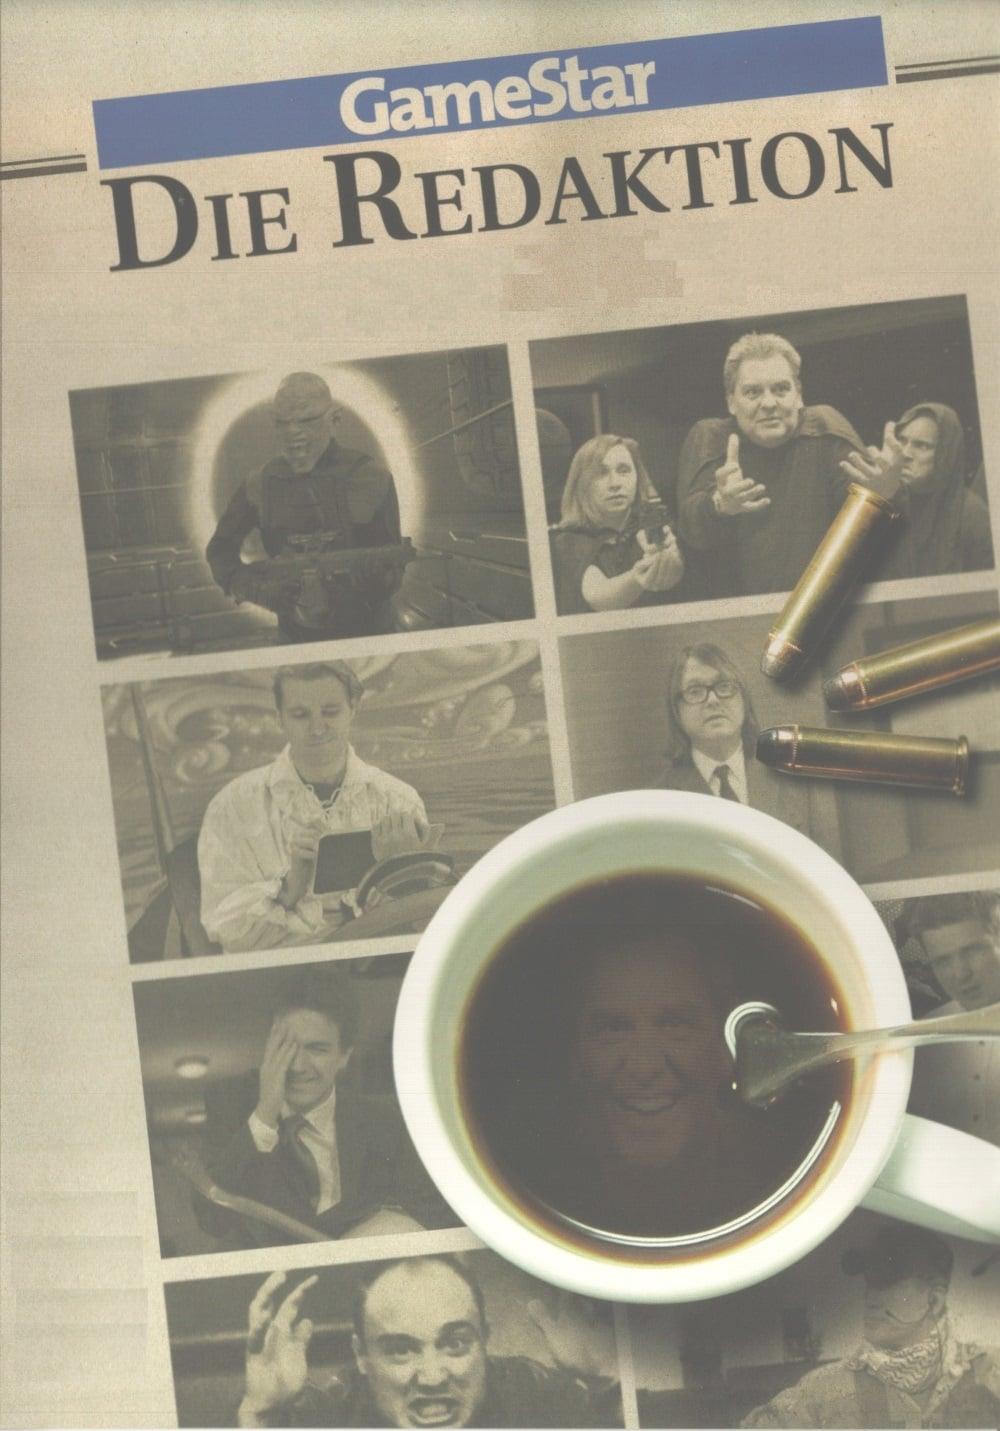 GameStar - Die Redaktion (2004)